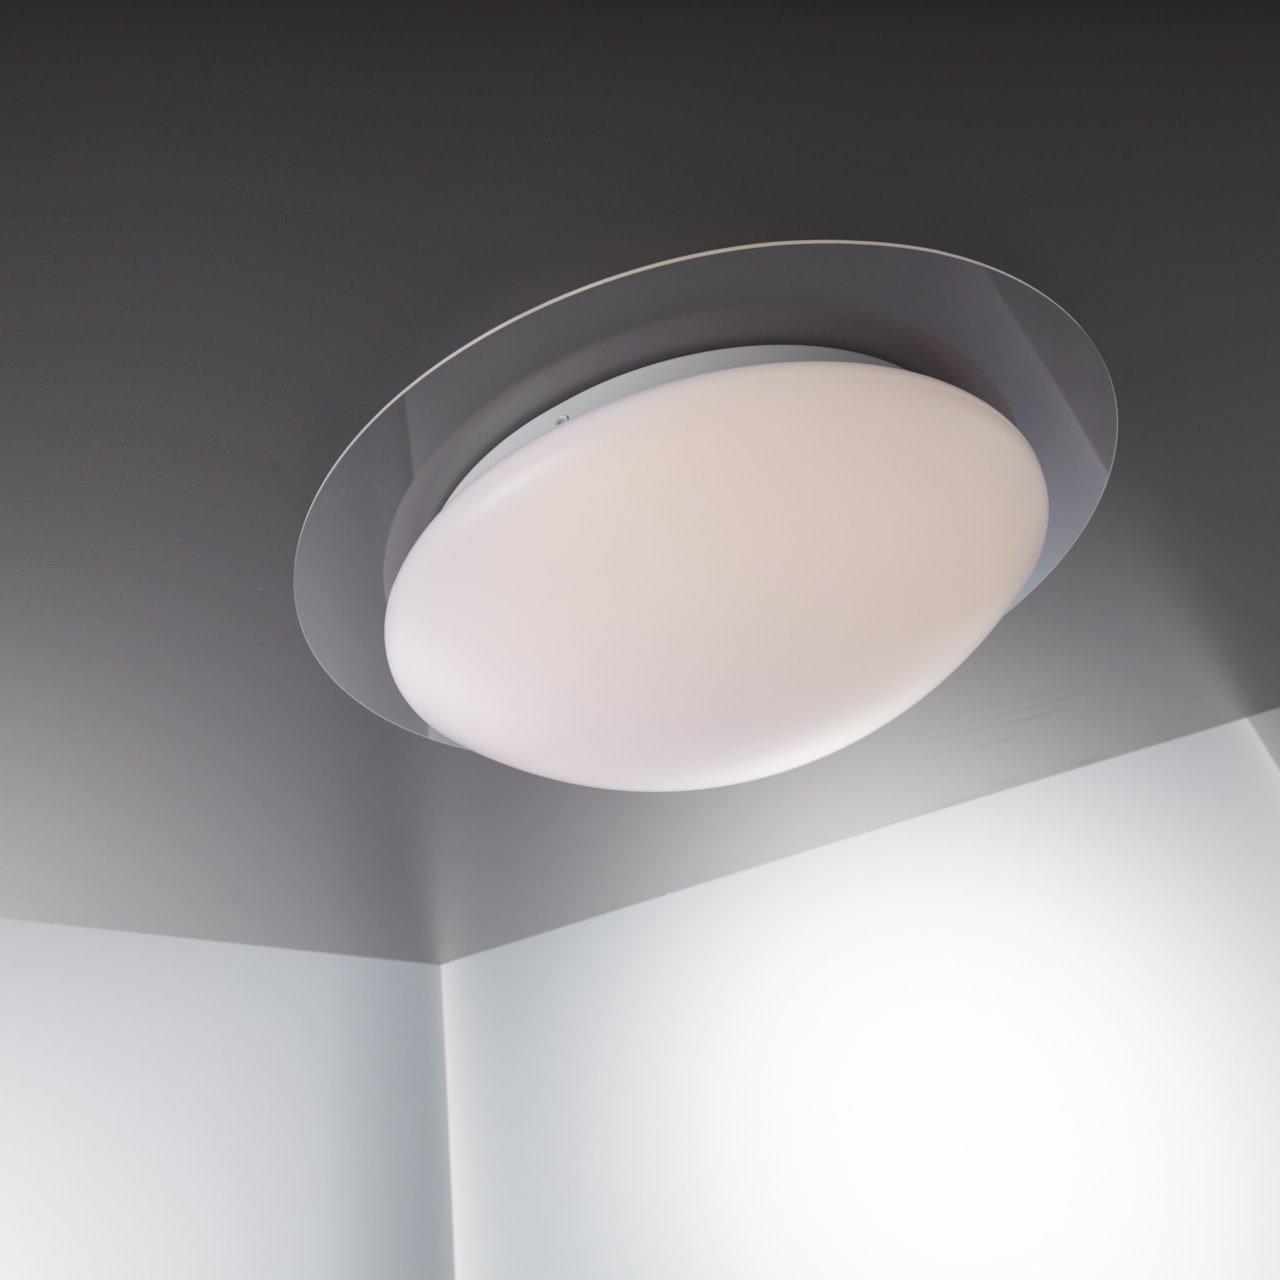 LED Deckenleuchte Dimmbar 16 Farben Inkl. LED-Platine 230V IP44 ...